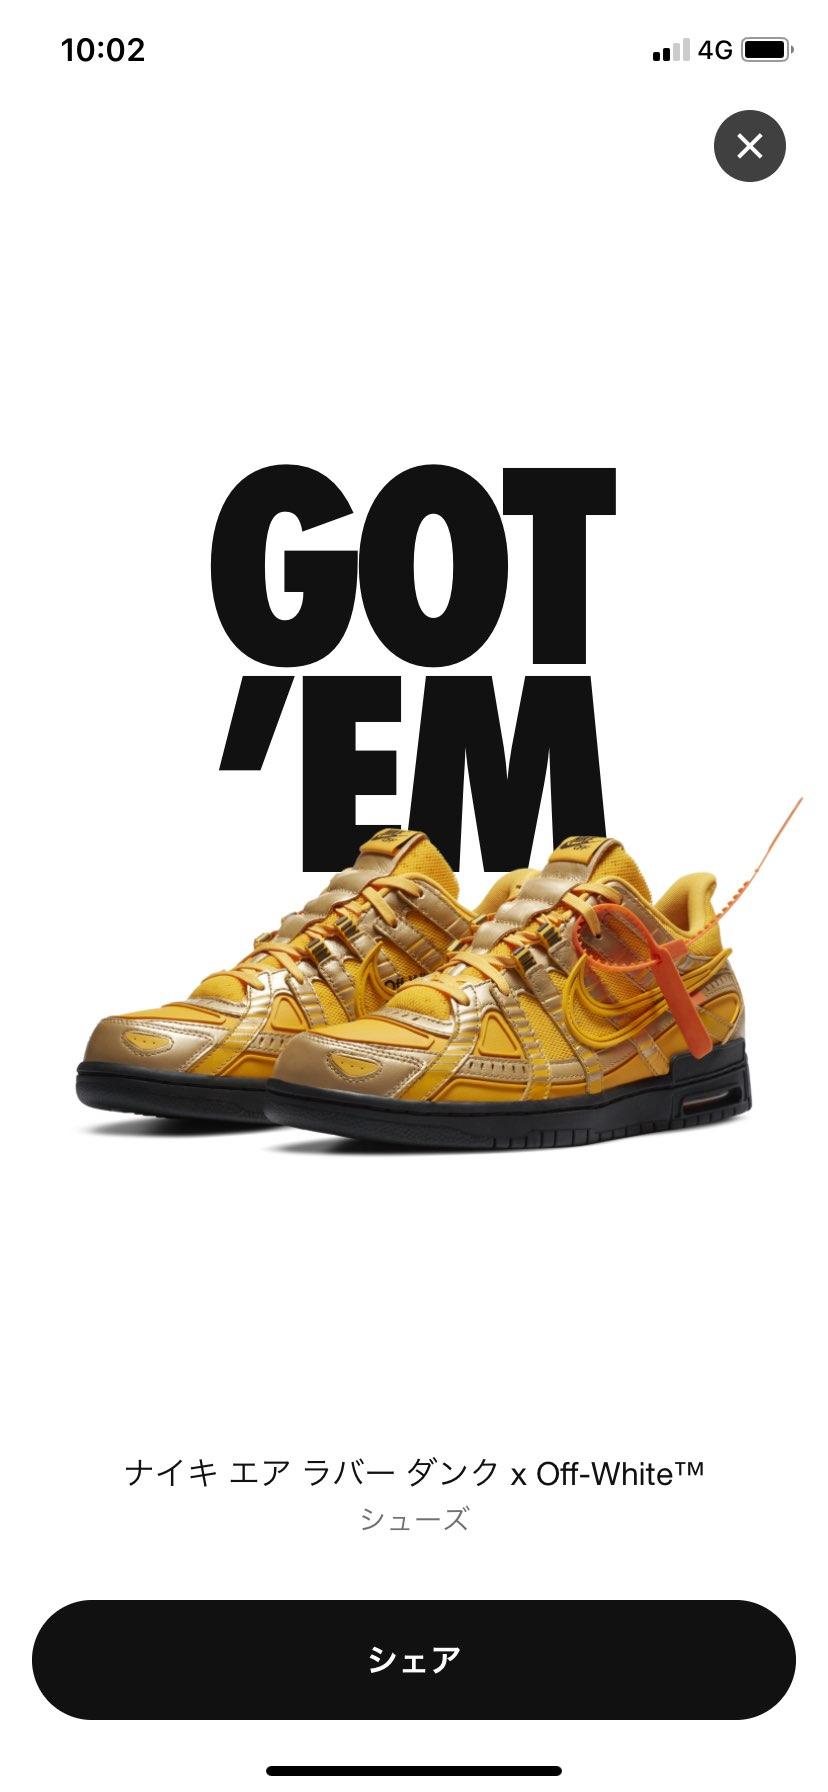 そういえば買えてました。黄色可愛い  #nike #dunk #ラバーダンク